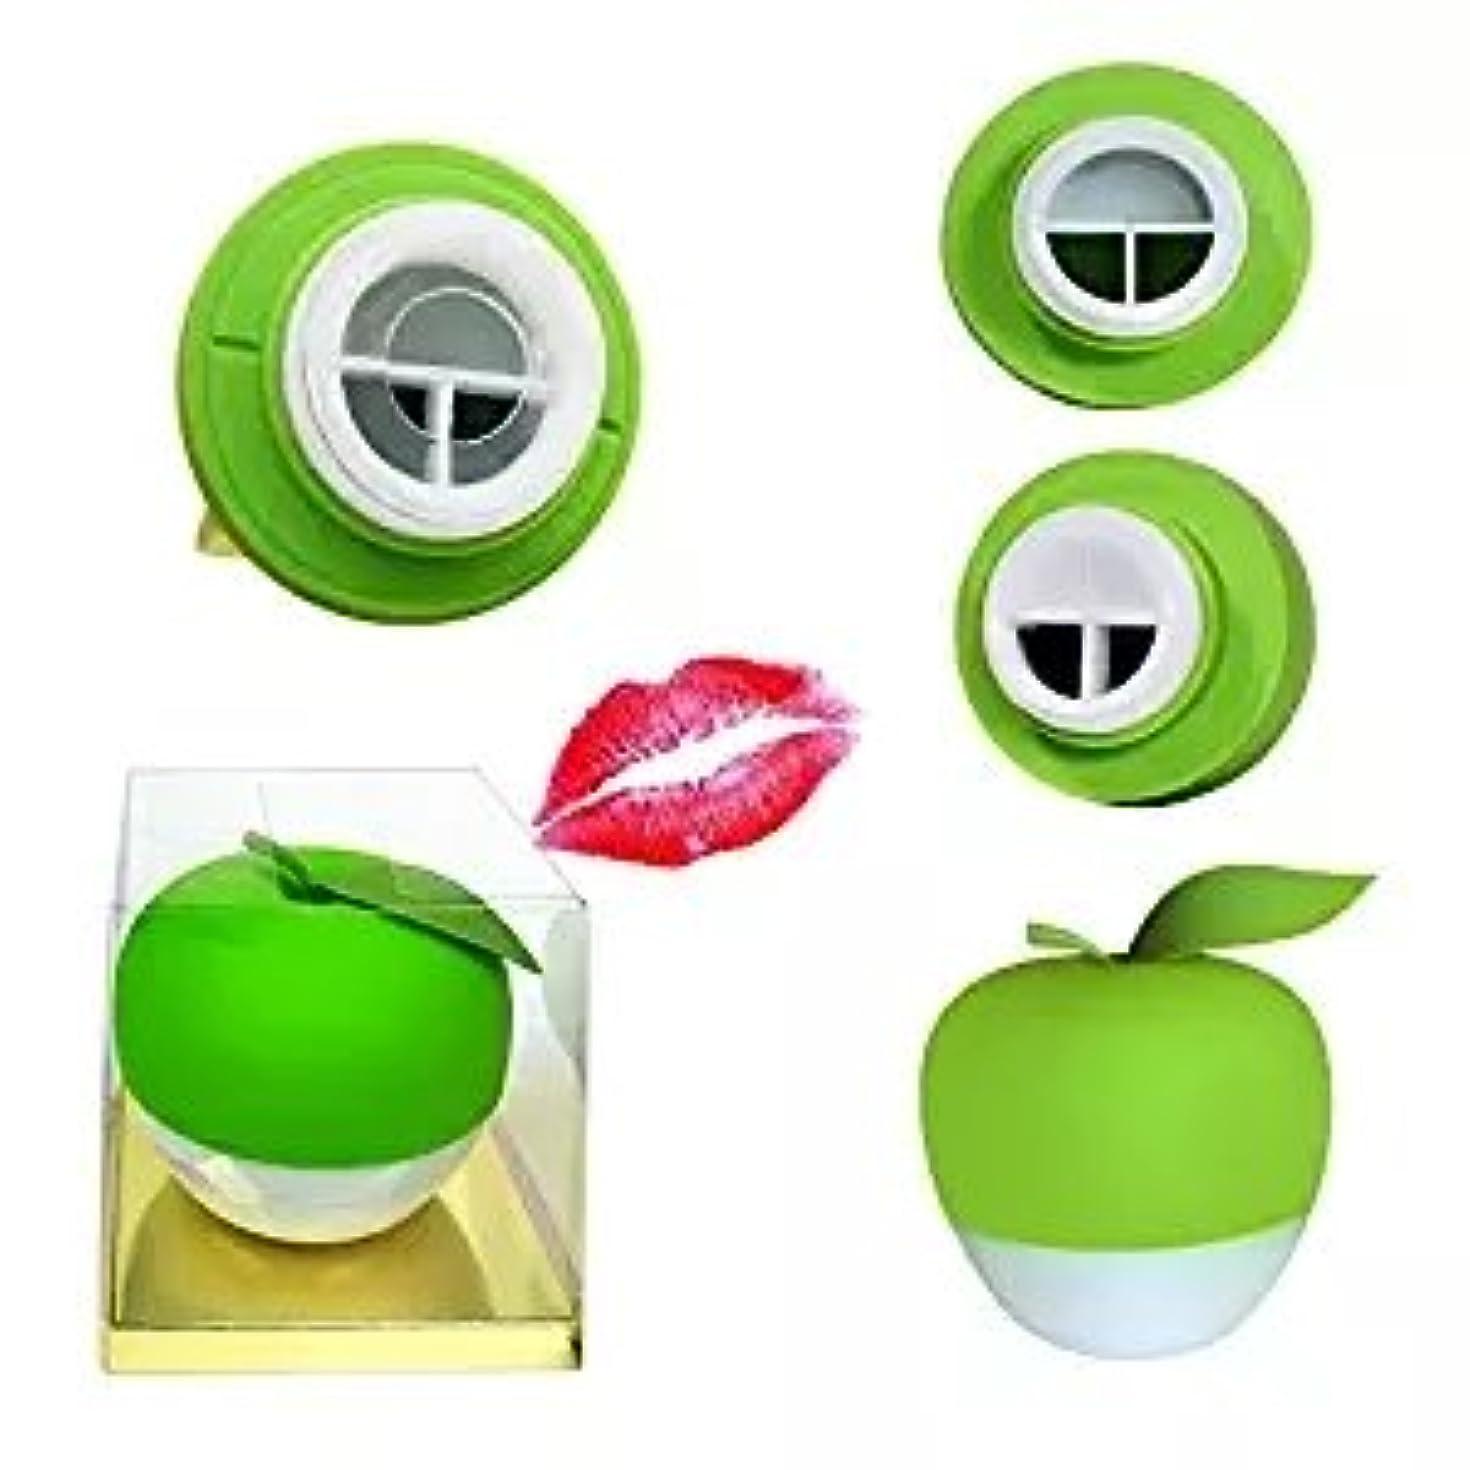 味付けユニークなリルYartar リップエンハンサー セクシーリップス  シリコン製 コンパクト ピンク Lip Plumper (グリーン)